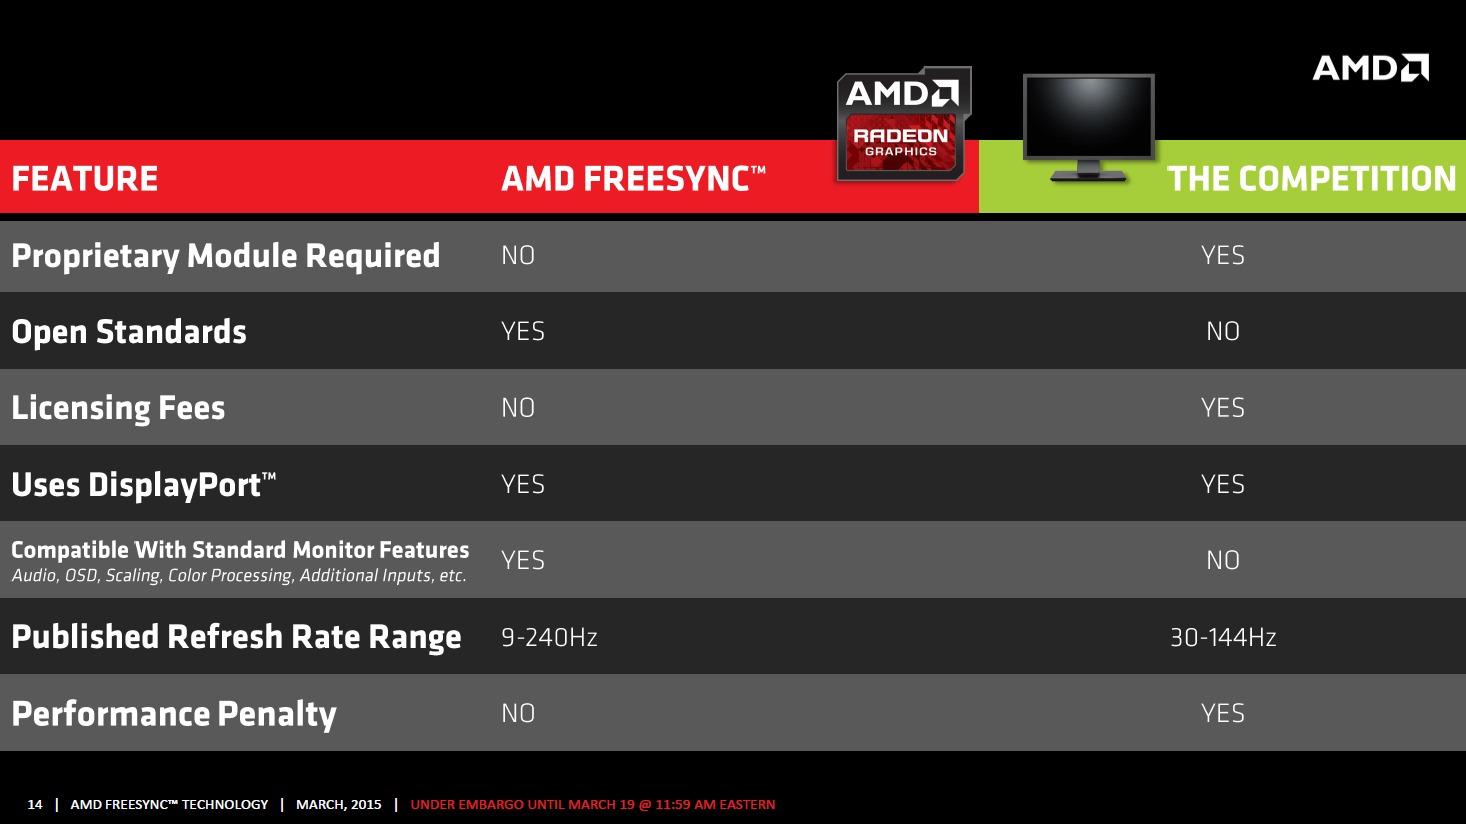 AMD Freesync im Test: Kostenlos im gleichen Takt - Freesync gegen Vsync (Bild: AMD)